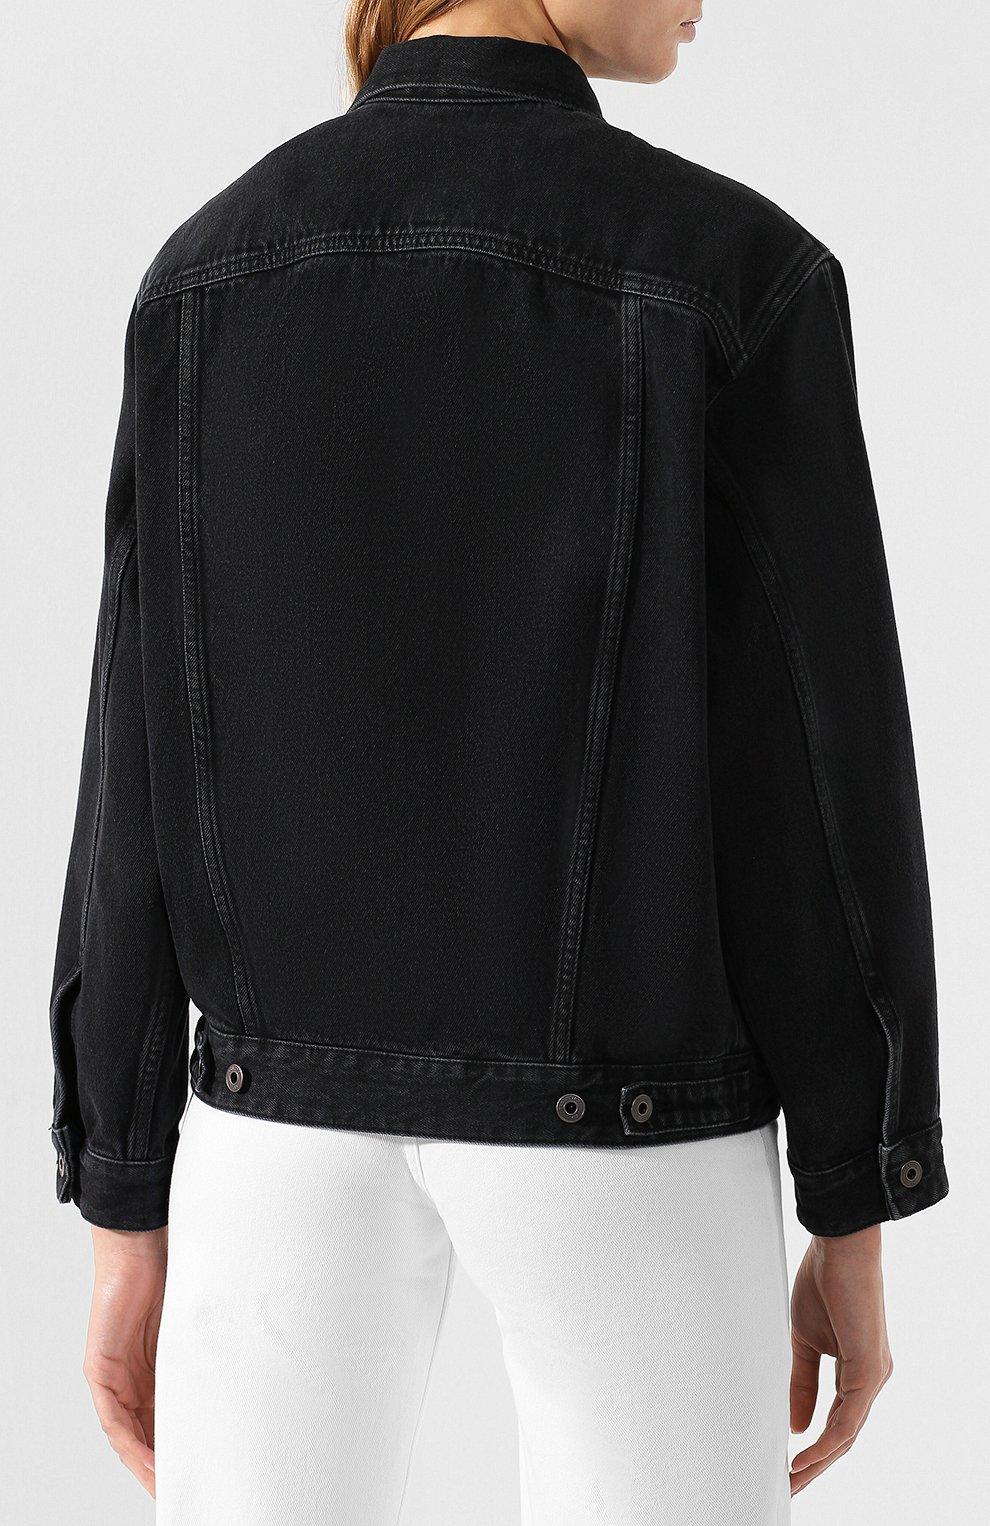 Джинсовая куртка Valentino черная | Фото №4